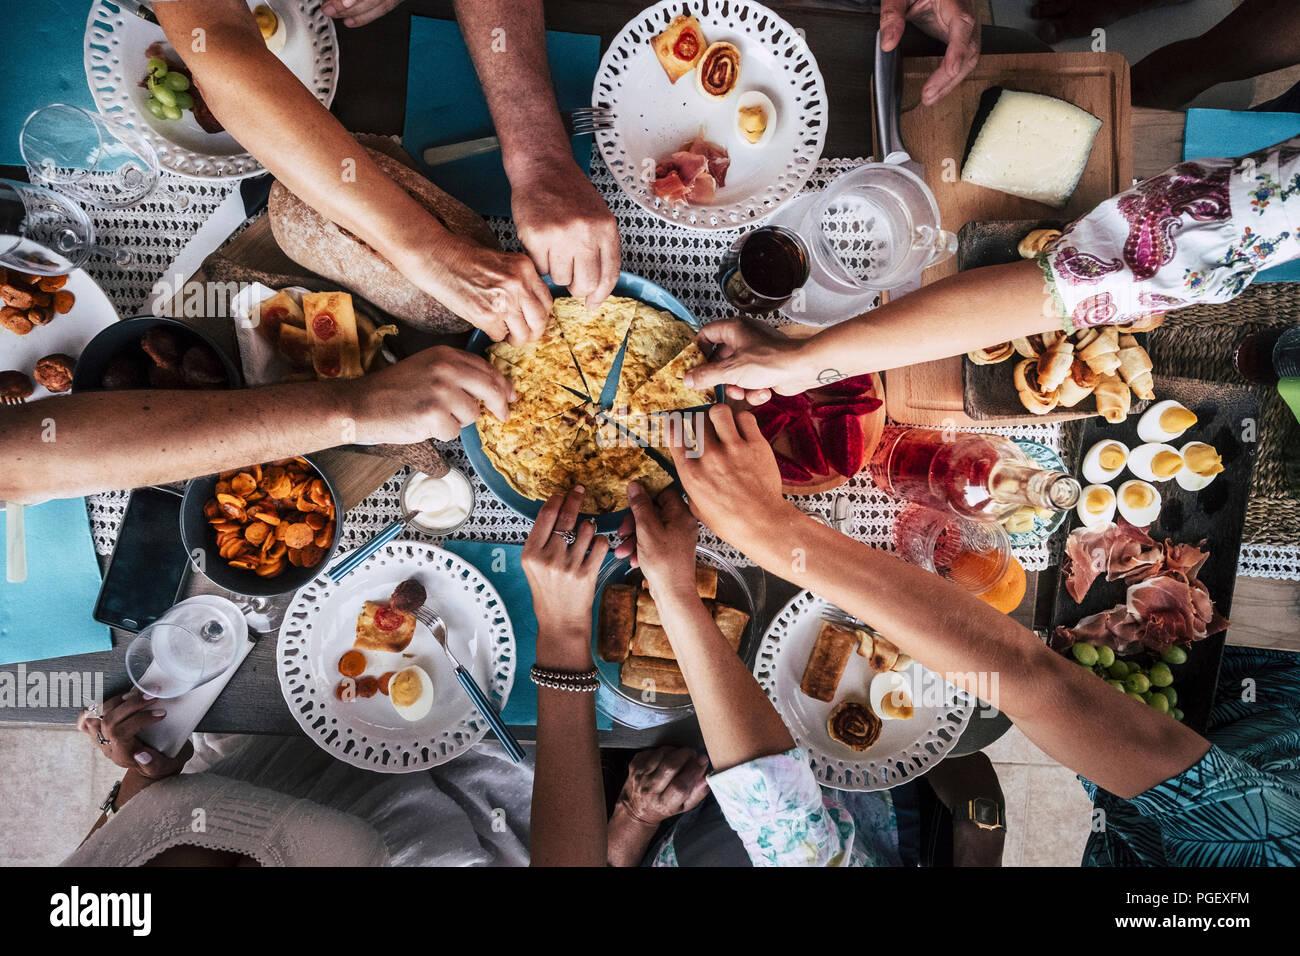 Food Catering Cucina Gourmet culinario Party Cheers concetto amicizia e la cena insieme. telefoni cellulari sulla tabella, il motivo e lo sfondo colorfu Immagini Stock